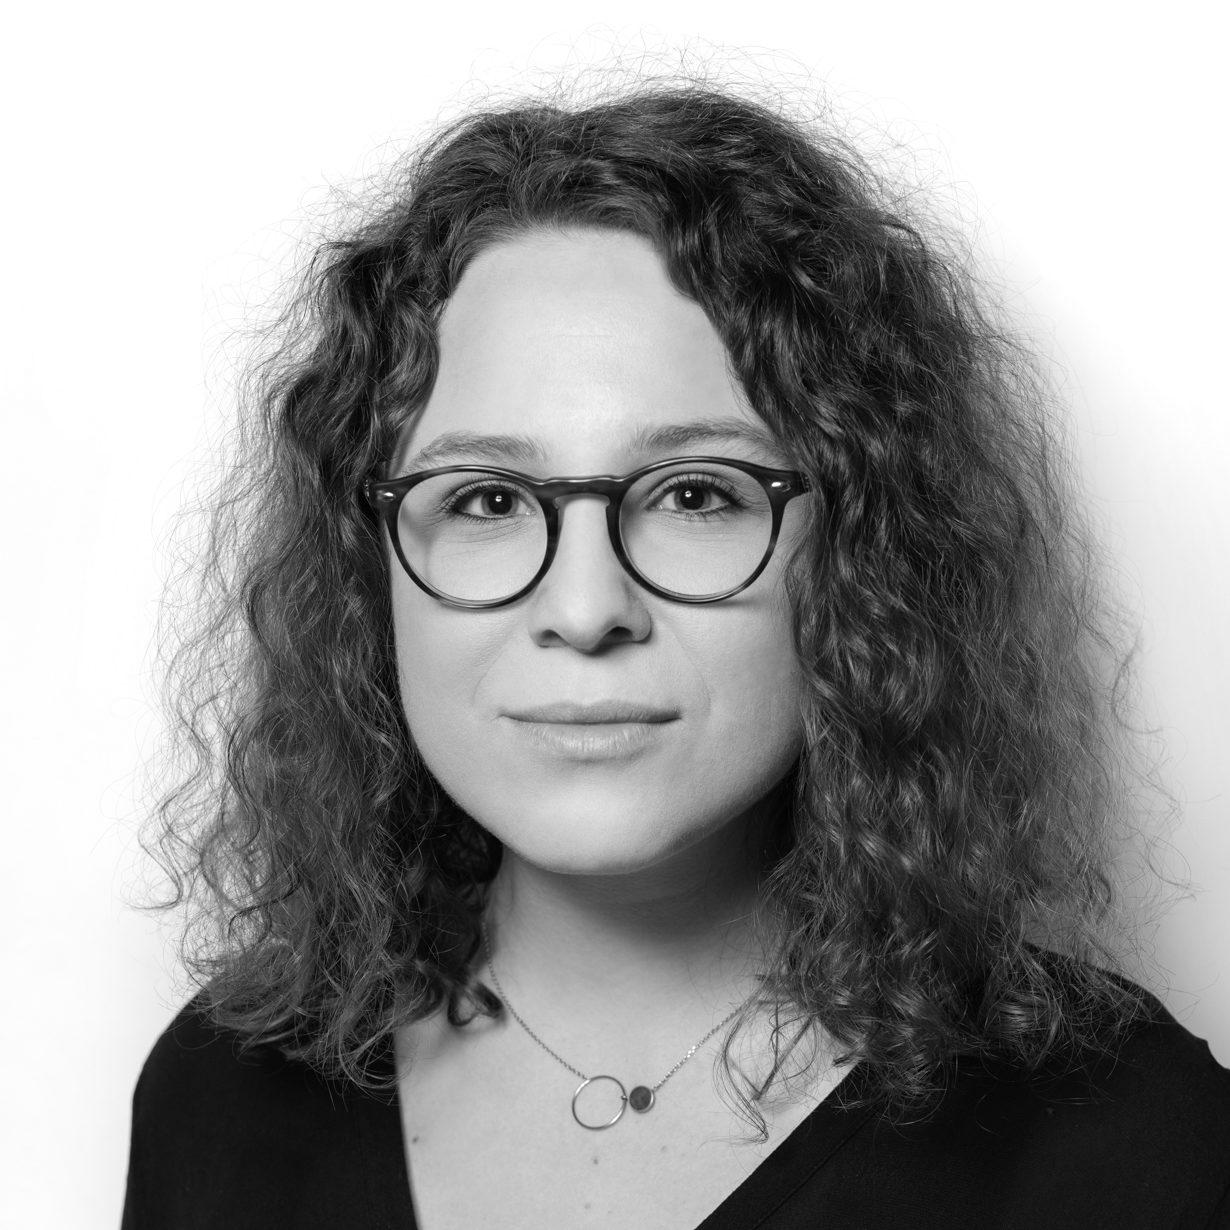 Zuzanna Kowalczyk